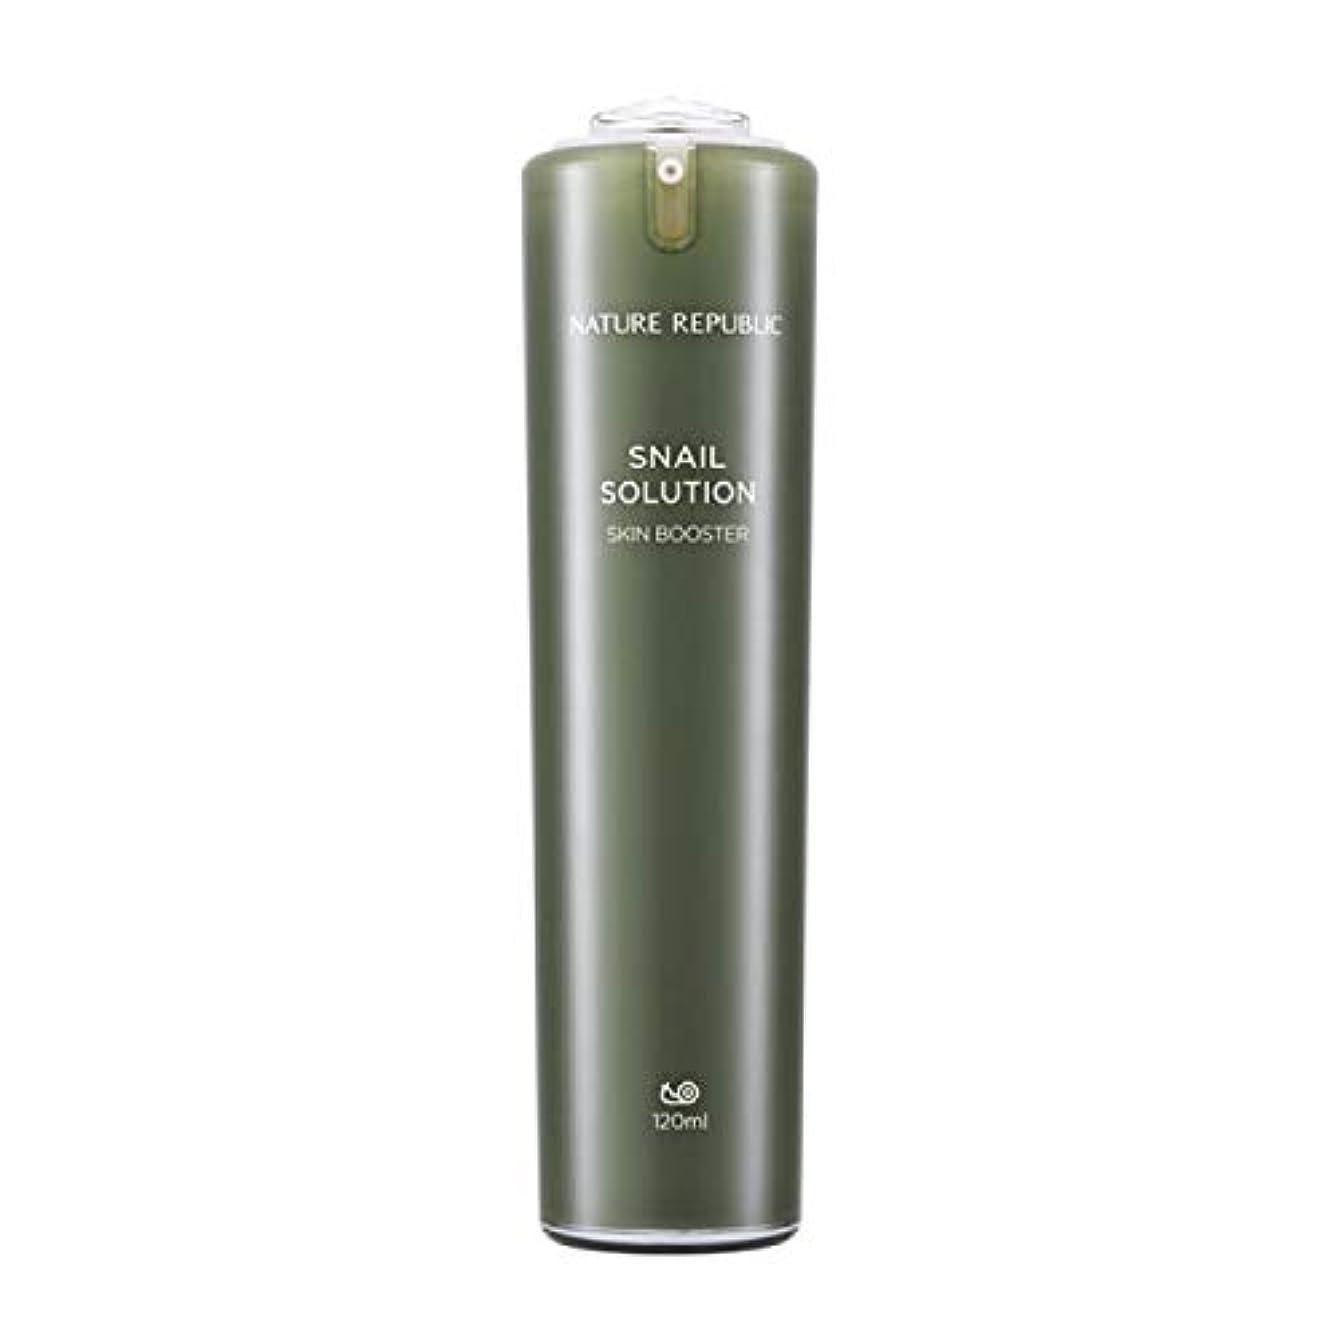 旋律的ピースライセンスネイチャーリパブリック(Nature Republic)カタツムリソリューションスキンブースター 120ml / Snail Solutions Skin Booster 120ml :: 韓国コスメ [並行輸入品]